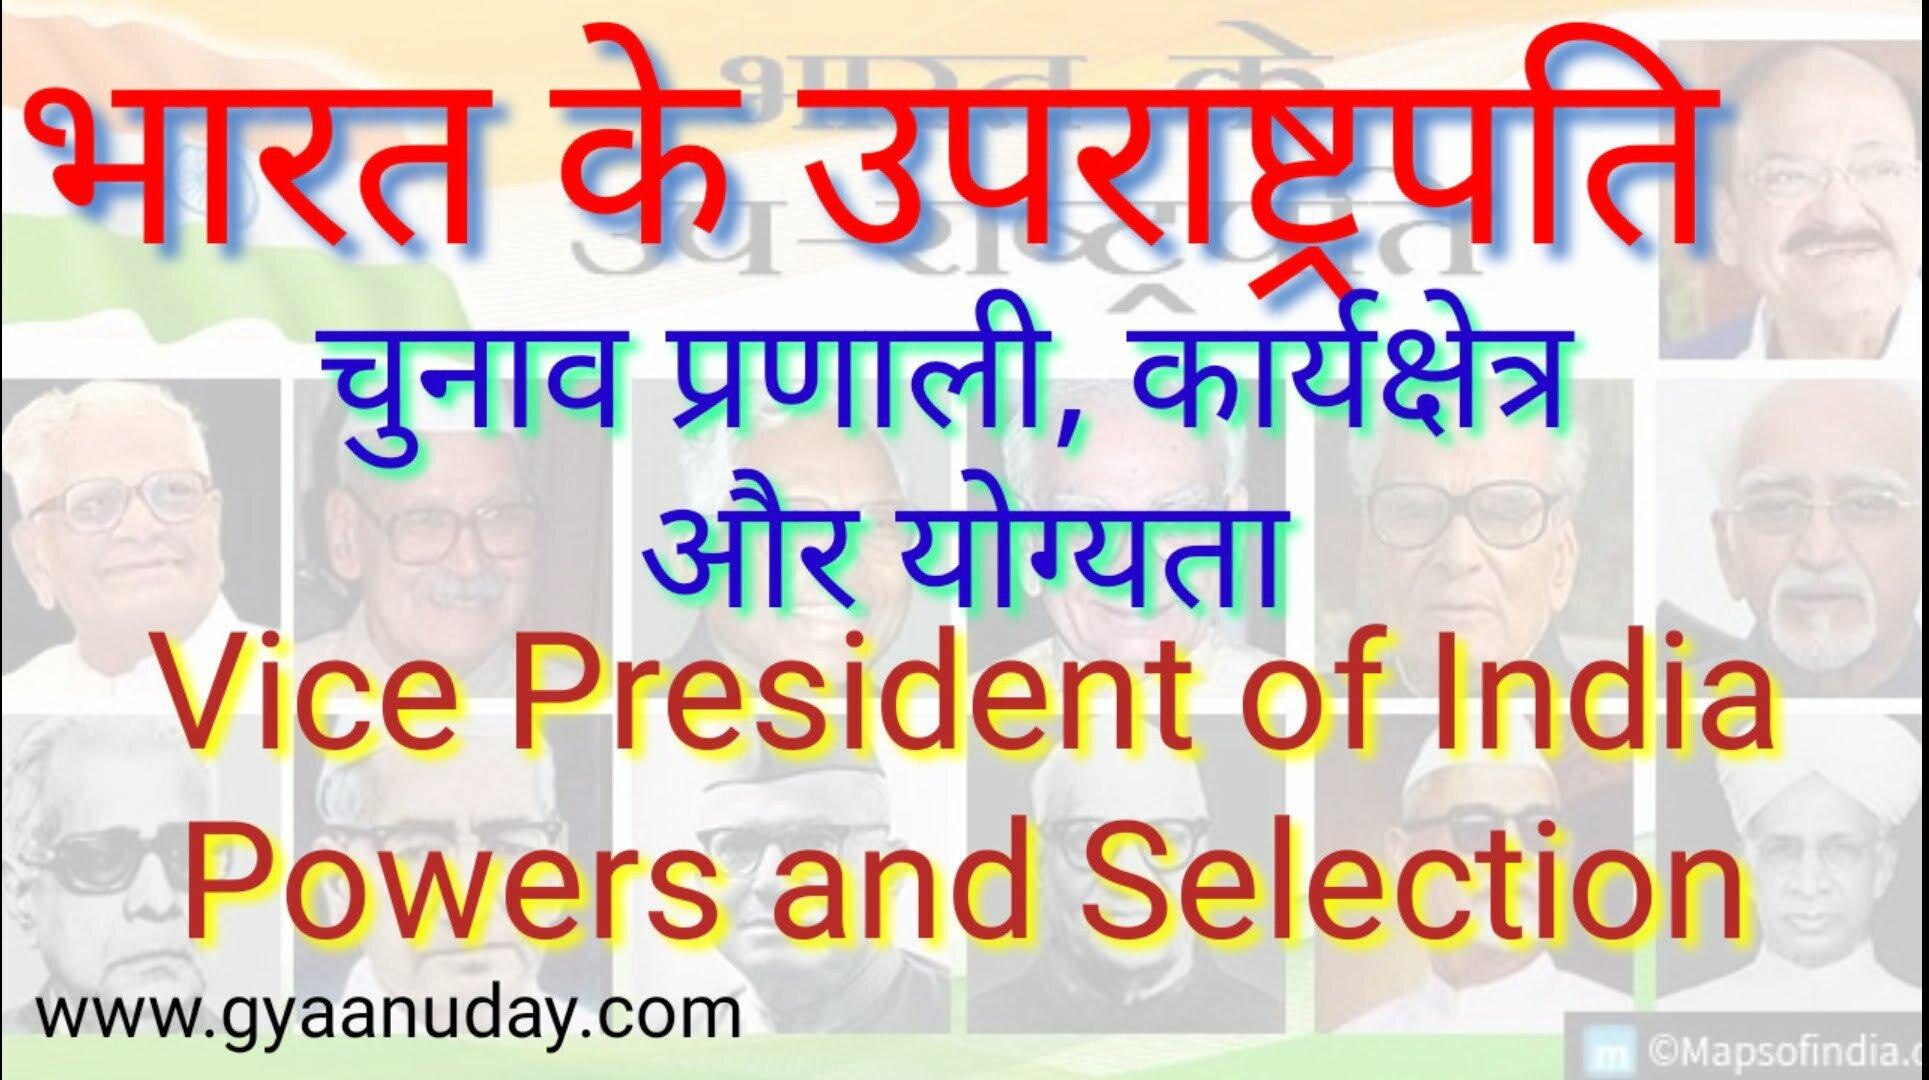 उपराष्ट्रपति के कार्य, चुनाव और योग्यता